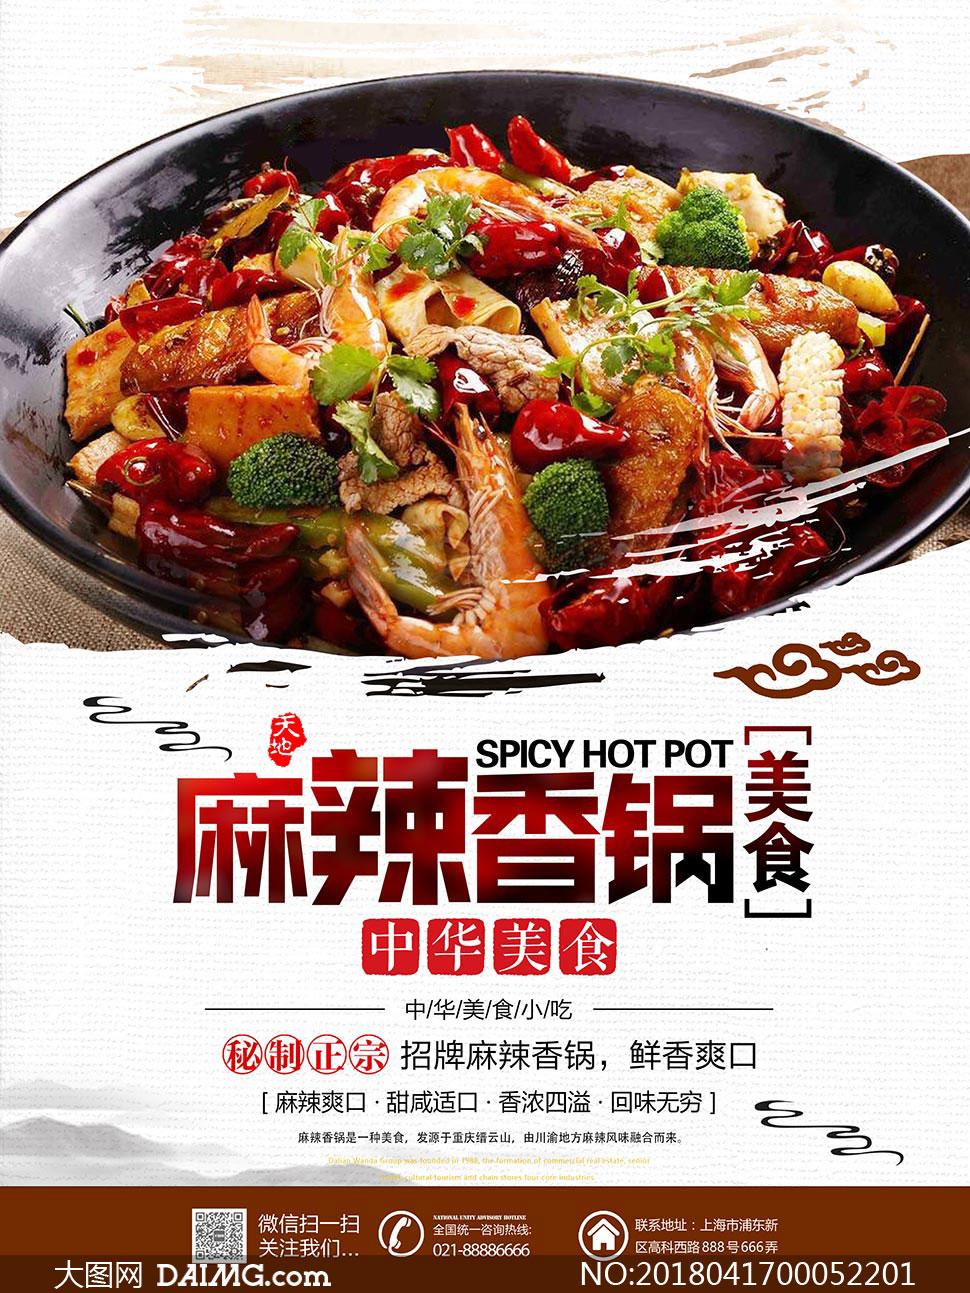 麻辣香锅美食海报设计psd素材